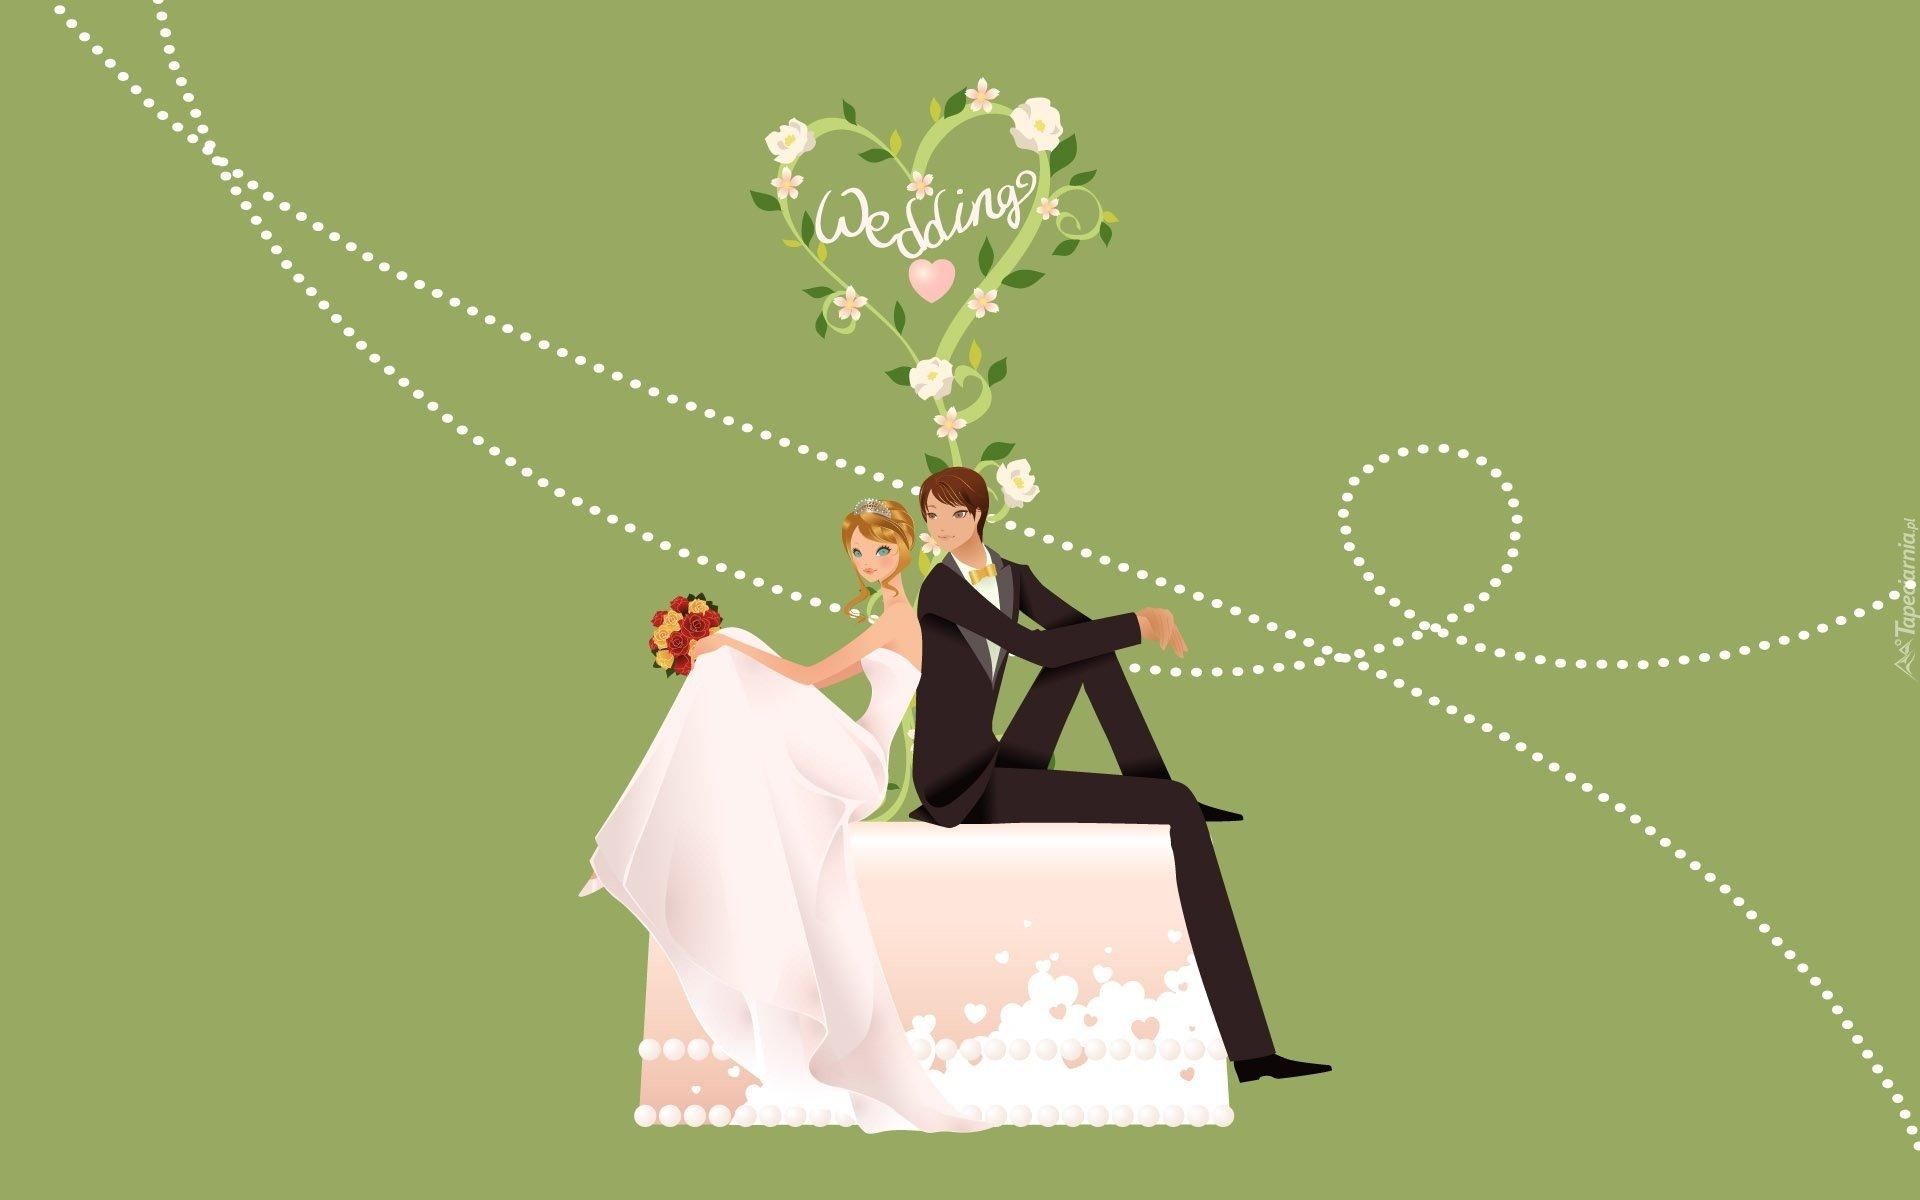 картинки для слайдов презентации свадьбы они